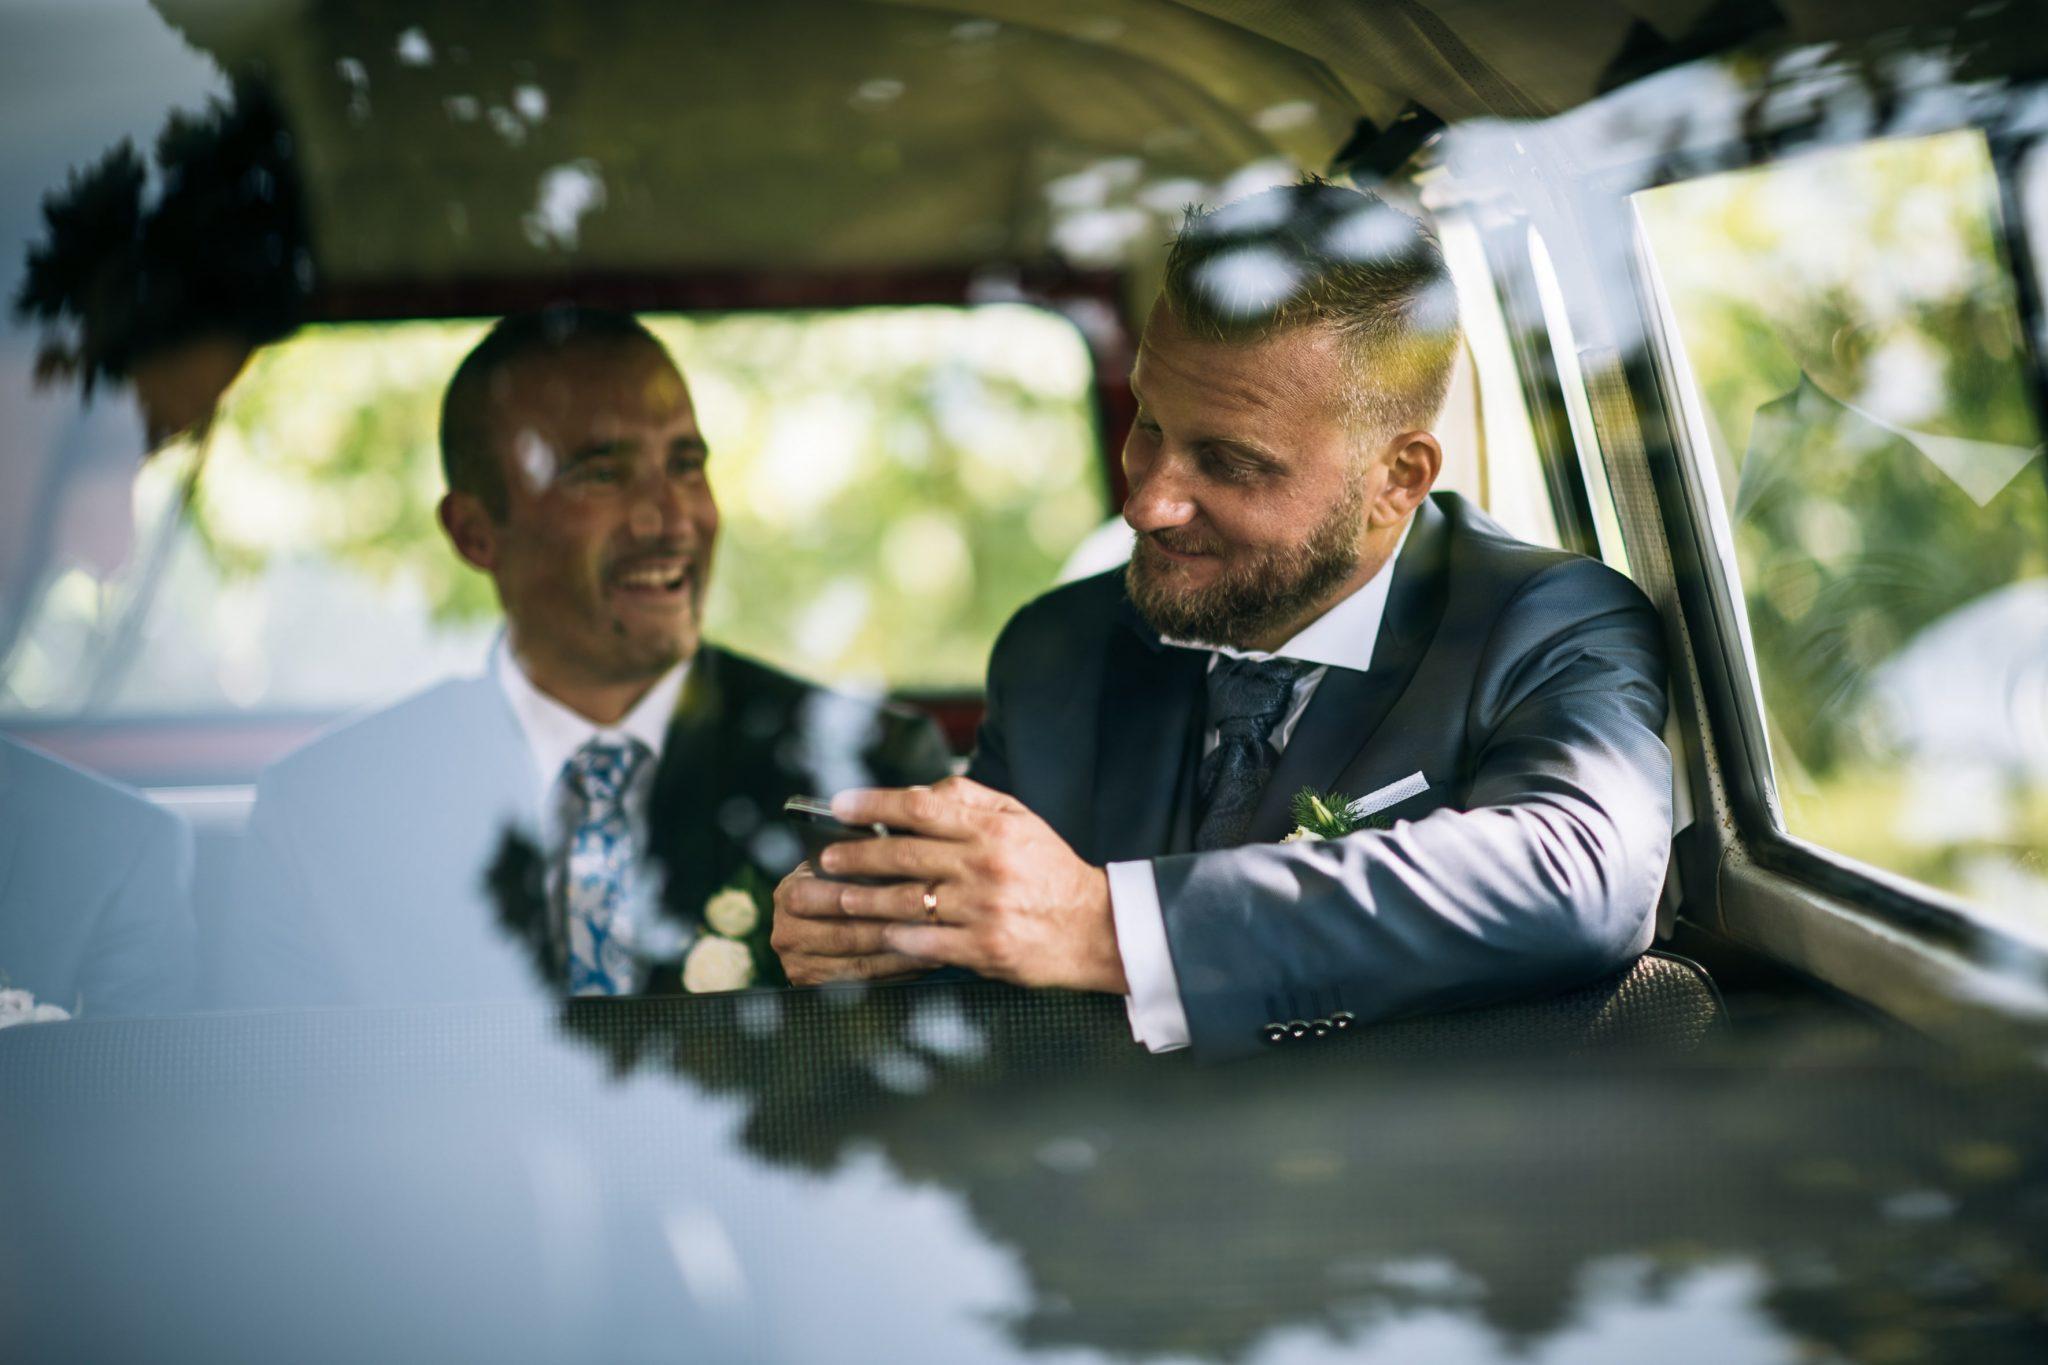 lo sposo si scatta un selfie nel furgoncino insieme all'amico